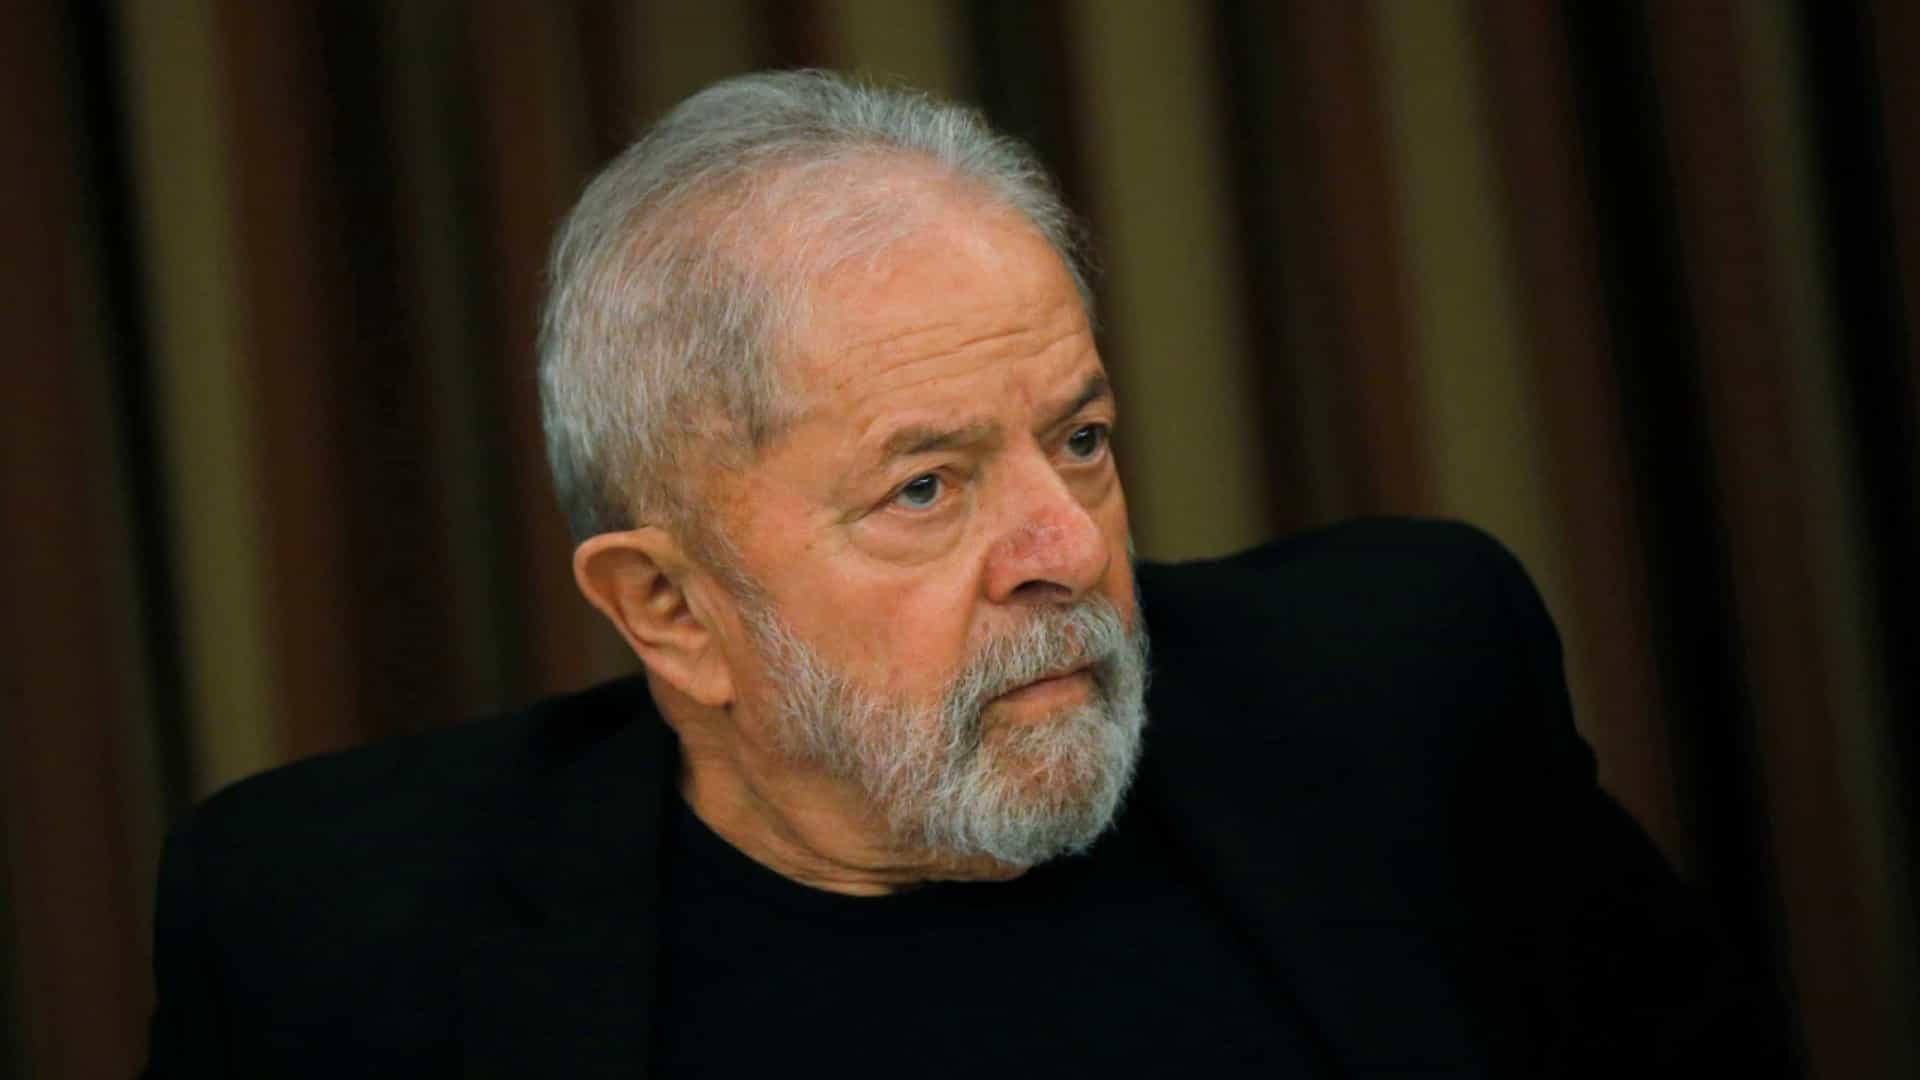 naom 5e5d5e417d2ba - Lula diz que PT não precisa ser 'cabeça de chapa', mas faltam bons candidatos